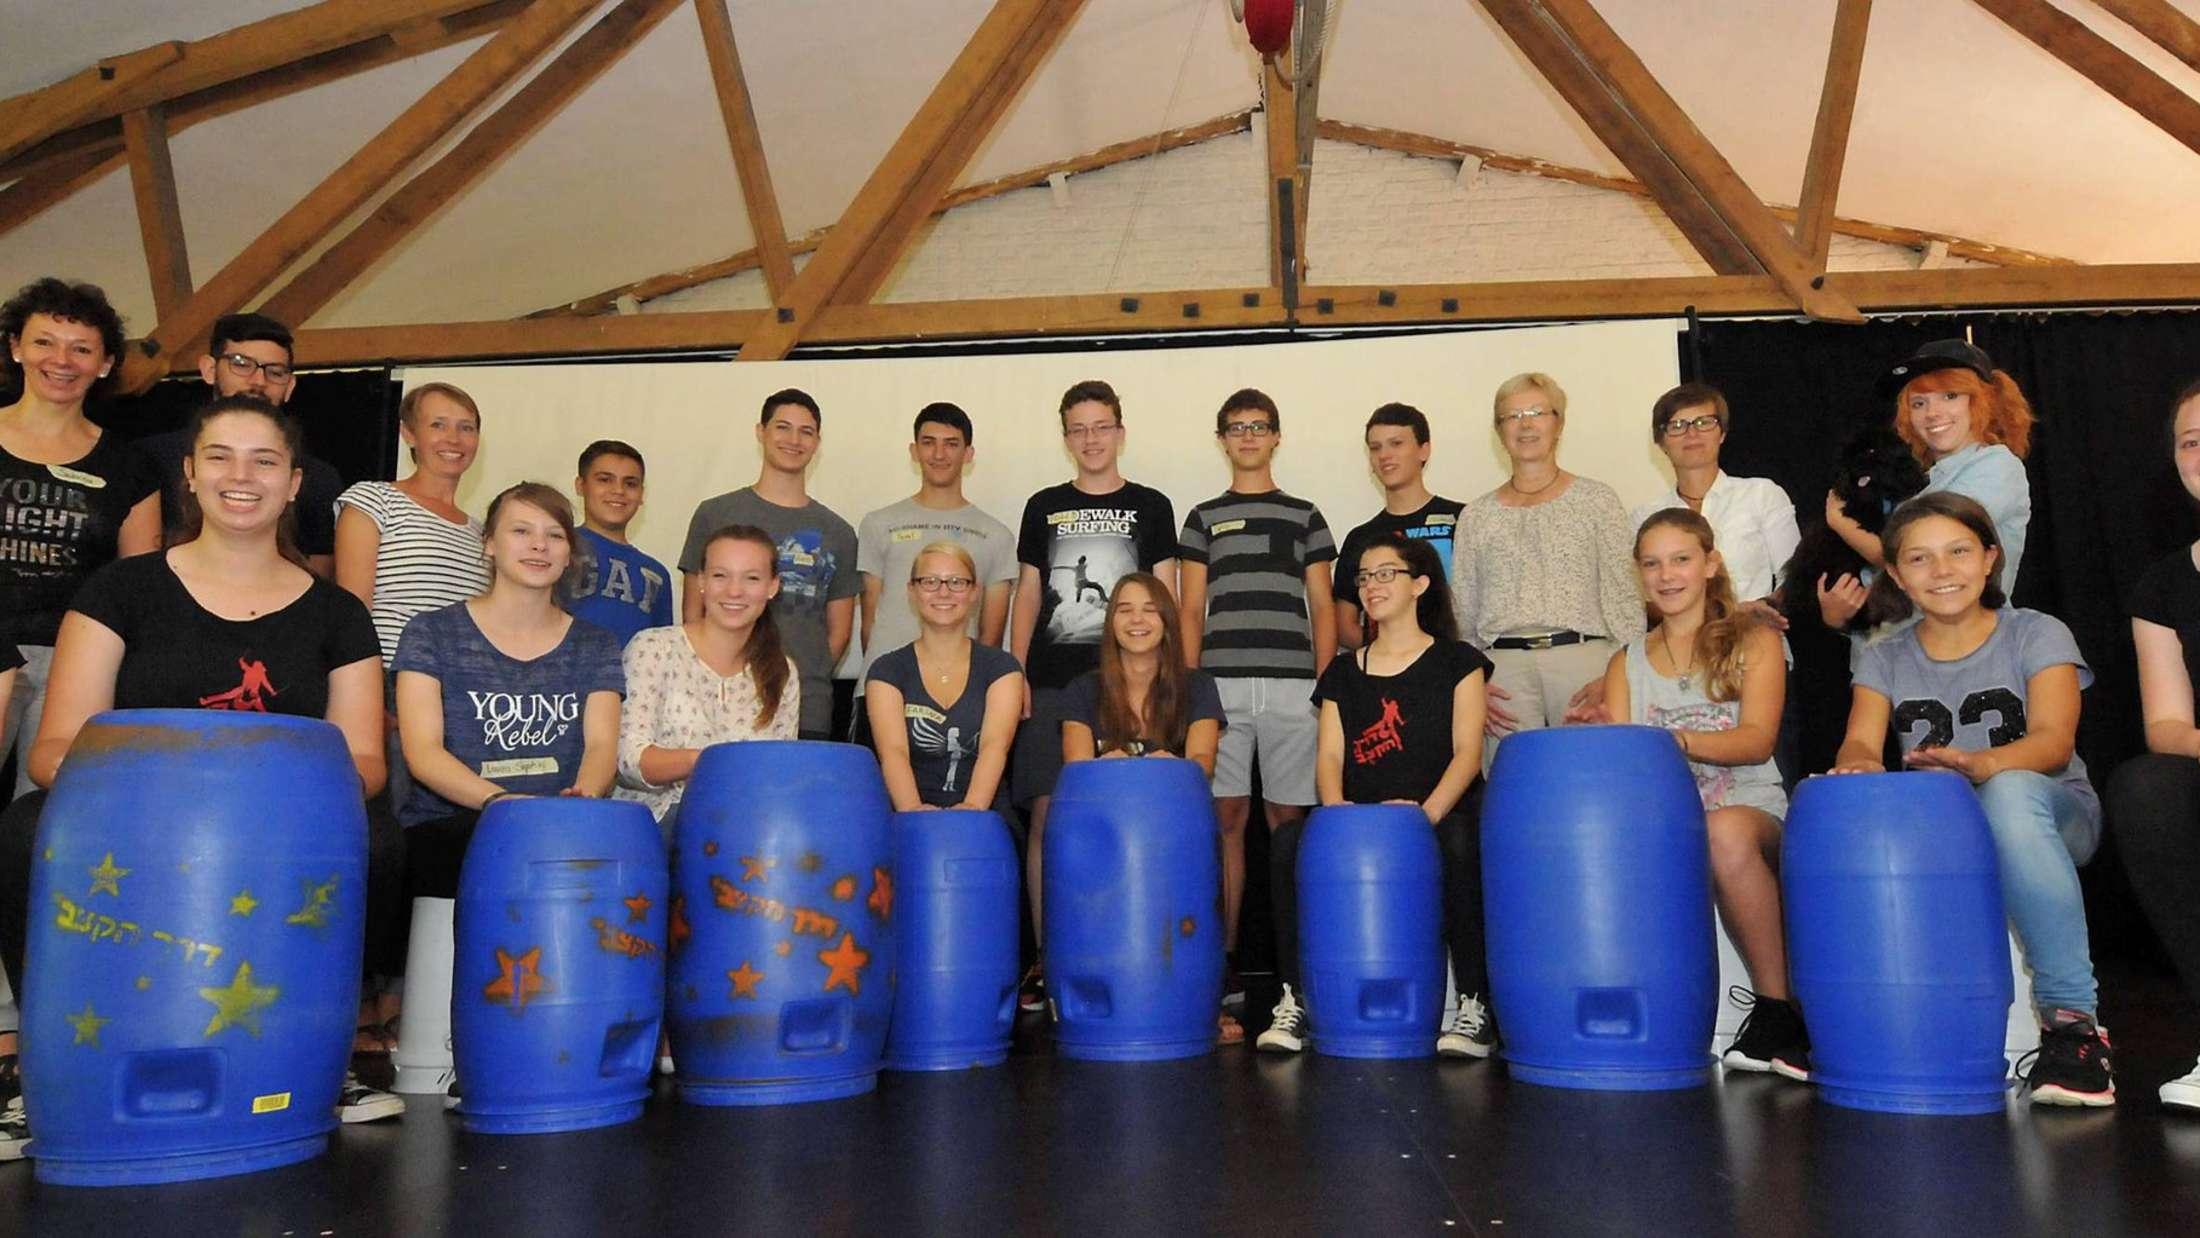 Jugendliche aus Israel und aus Soest stellen die Förderung von Toleranz, Teamfähigkeit und Weltsicht in den Mittelpunkt ihrer Arbeit.